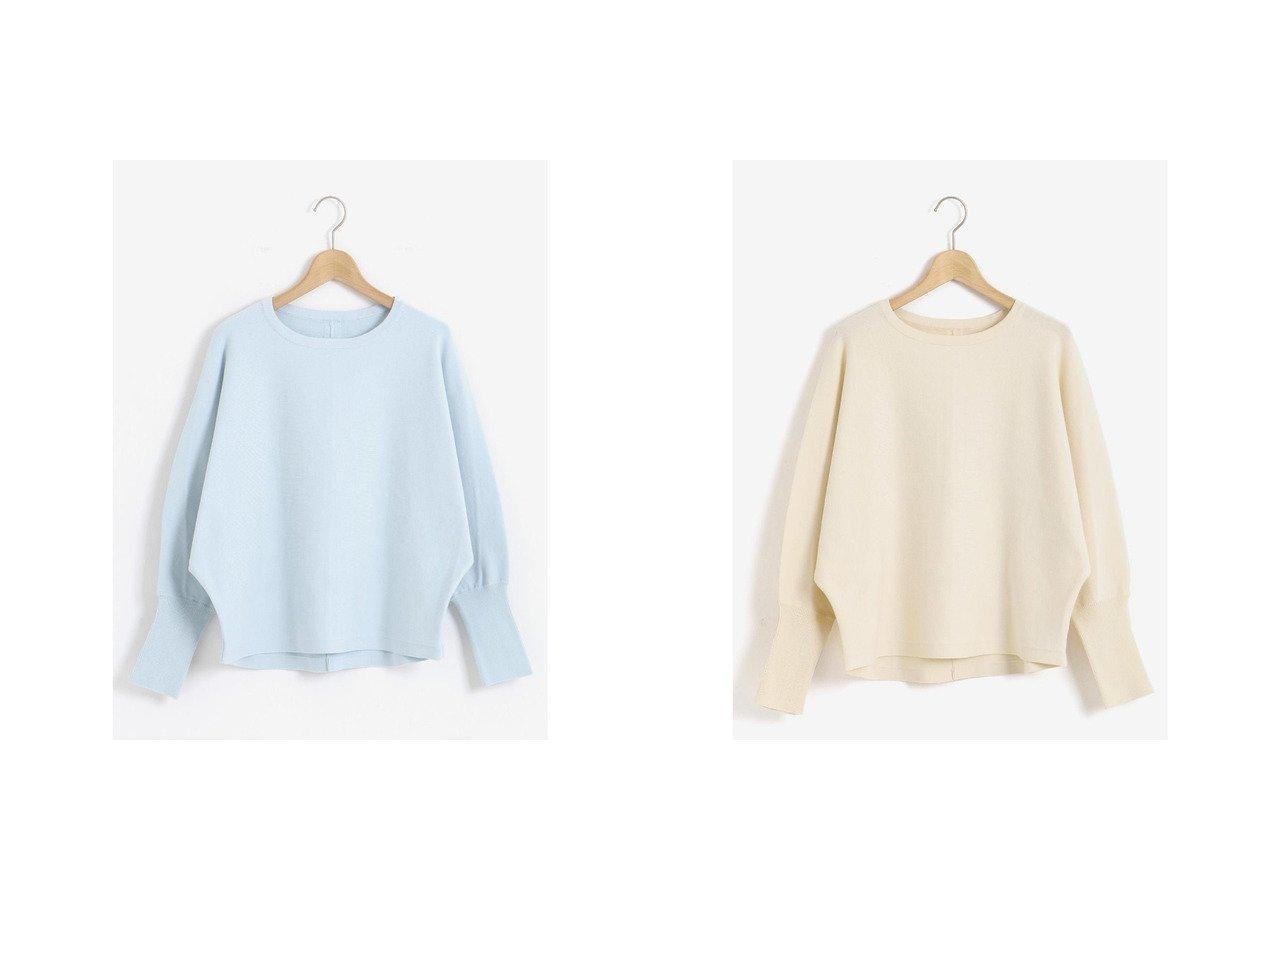 【le.coeur blanc/ルクールブラン】のle.coeur blanc バックビジュードルマンニット le.coeur blancのおすすめ!人気、トレンド・レディースファッションの通販 おすすめで人気の流行・トレンド、ファッションの通販商品 メンズファッション・キッズファッション・インテリア・家具・レディースファッション・服の通販 founy(ファニー) https://founy.com/ ファッション Fashion レディースファッション WOMEN トップス カットソー Tops Tshirt ニット Knit Tops S/S 春夏 SS Spring/Summer コンパクト 春 Spring  ID:crp329100000019985